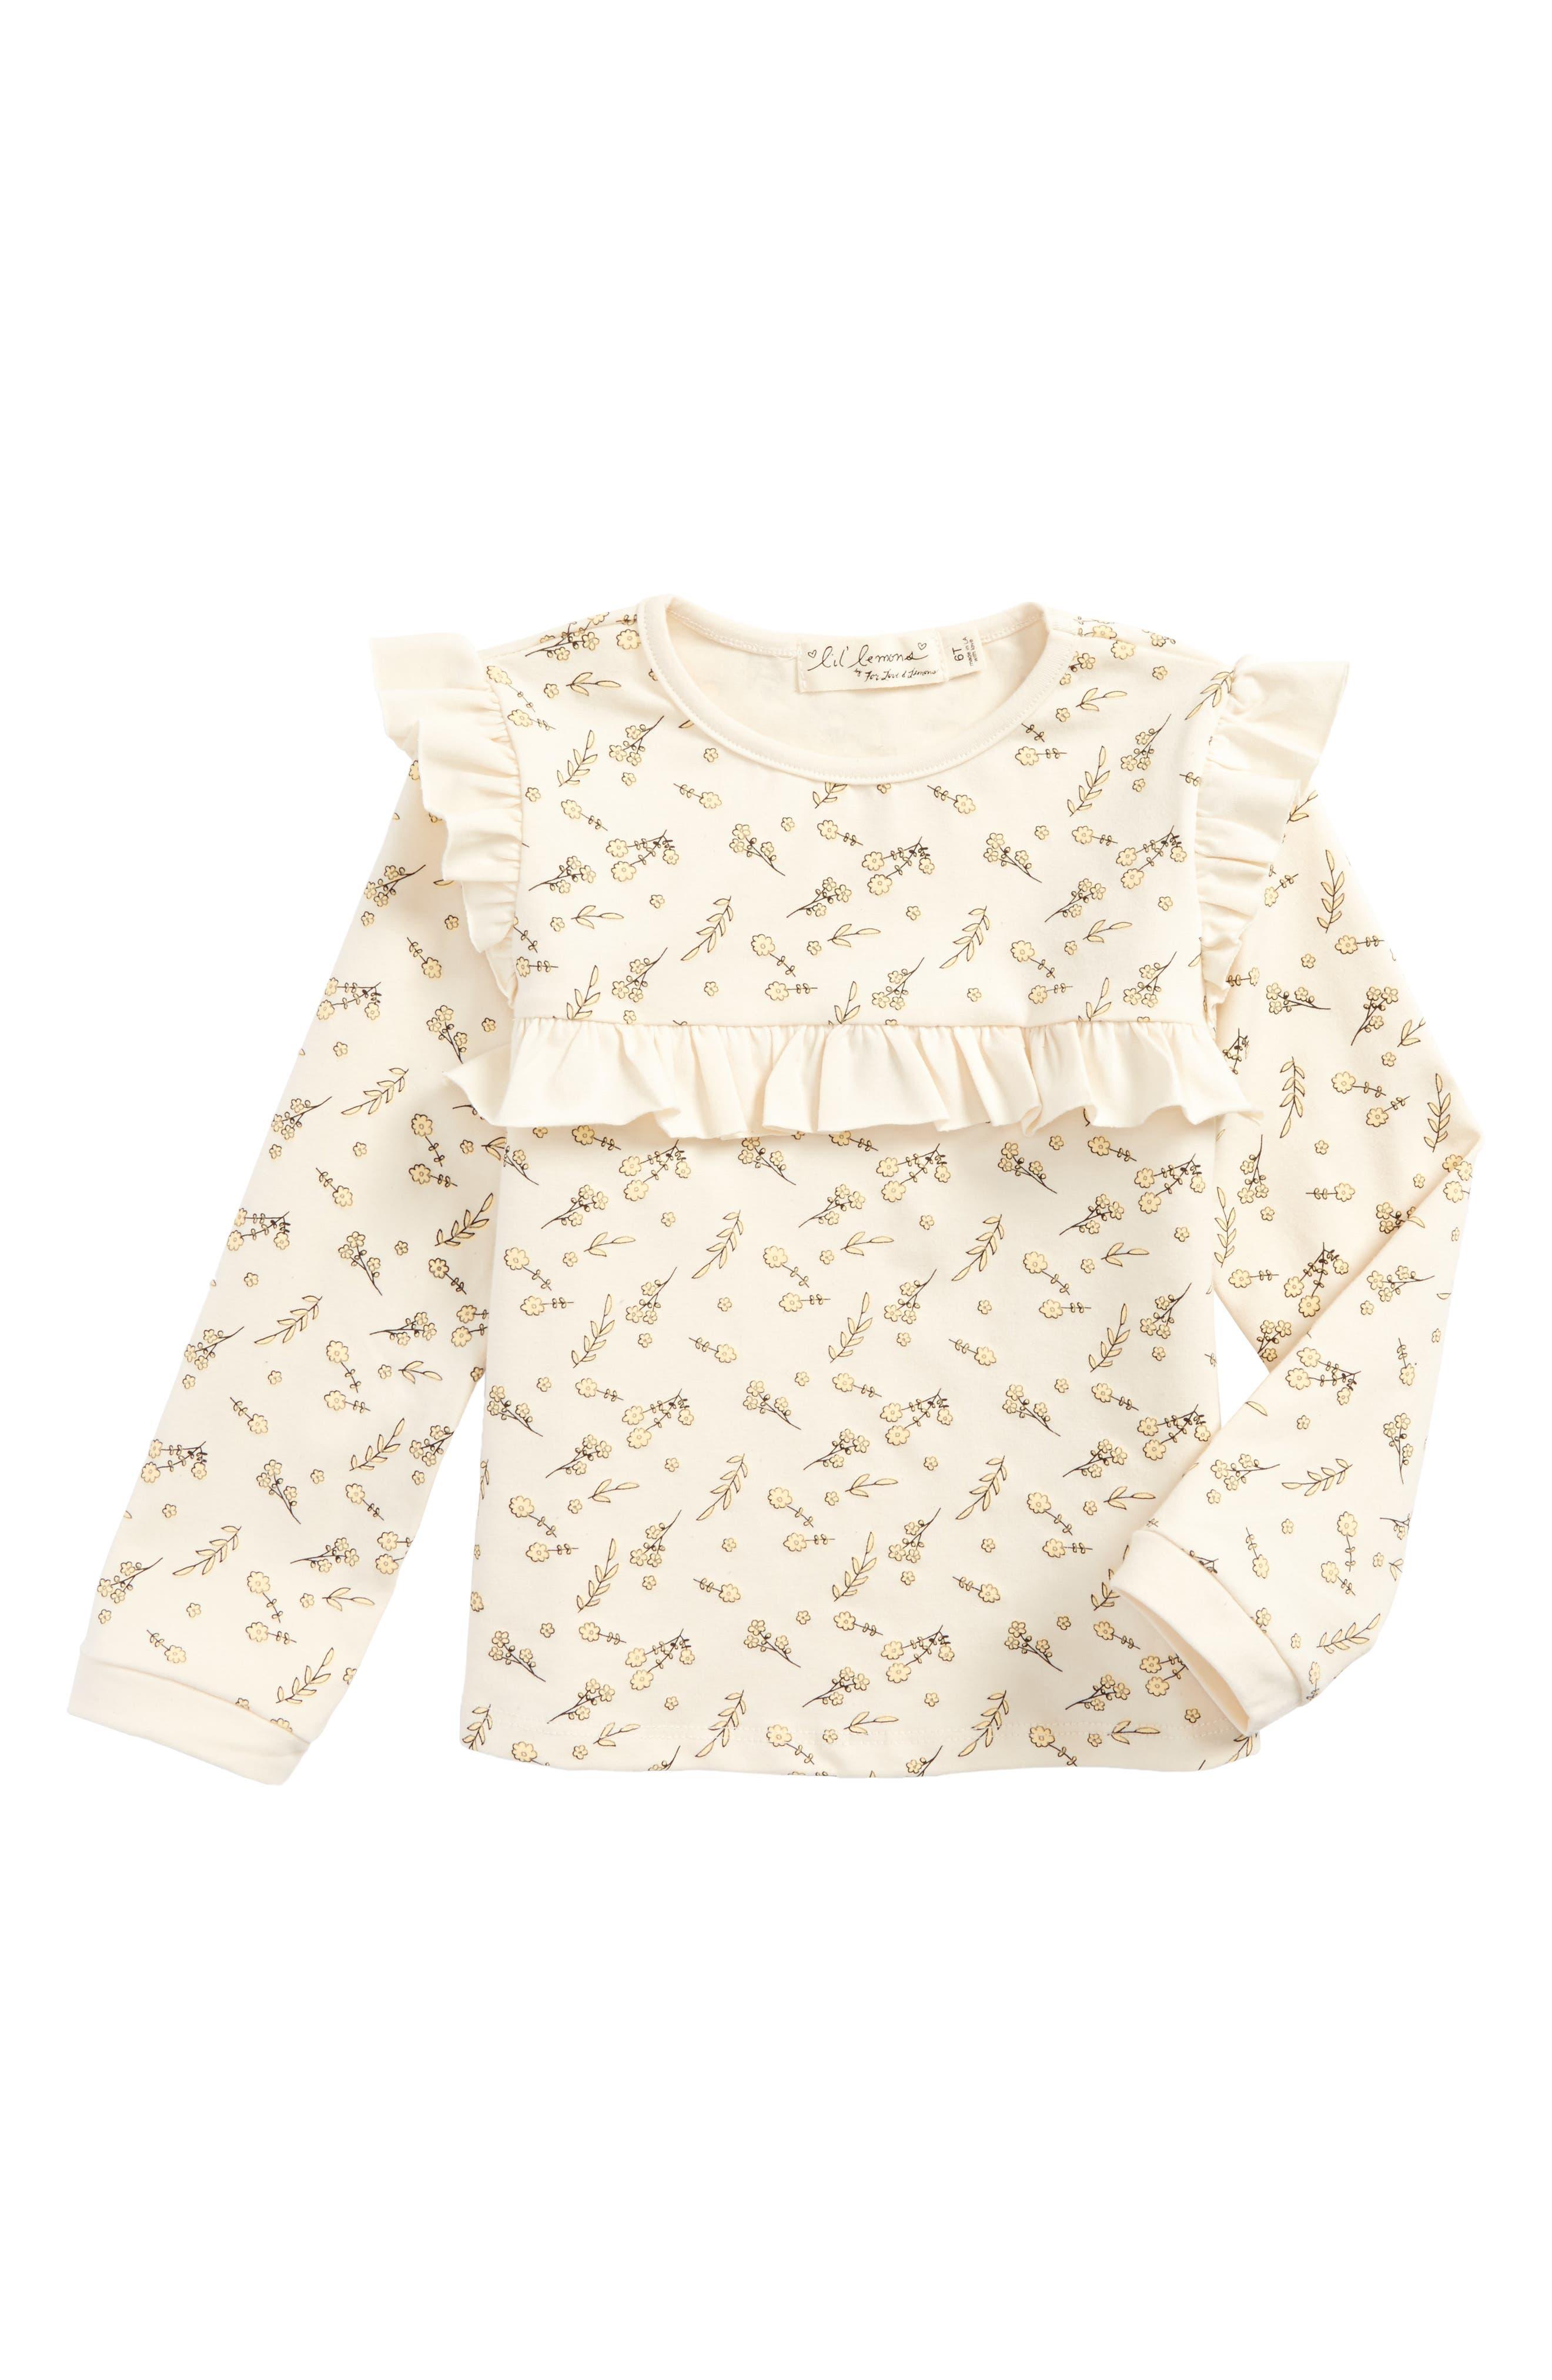 Main Image - For Love & Lemons Florette Ruffle Jersey Top (Toddler Girls & Little Girls)